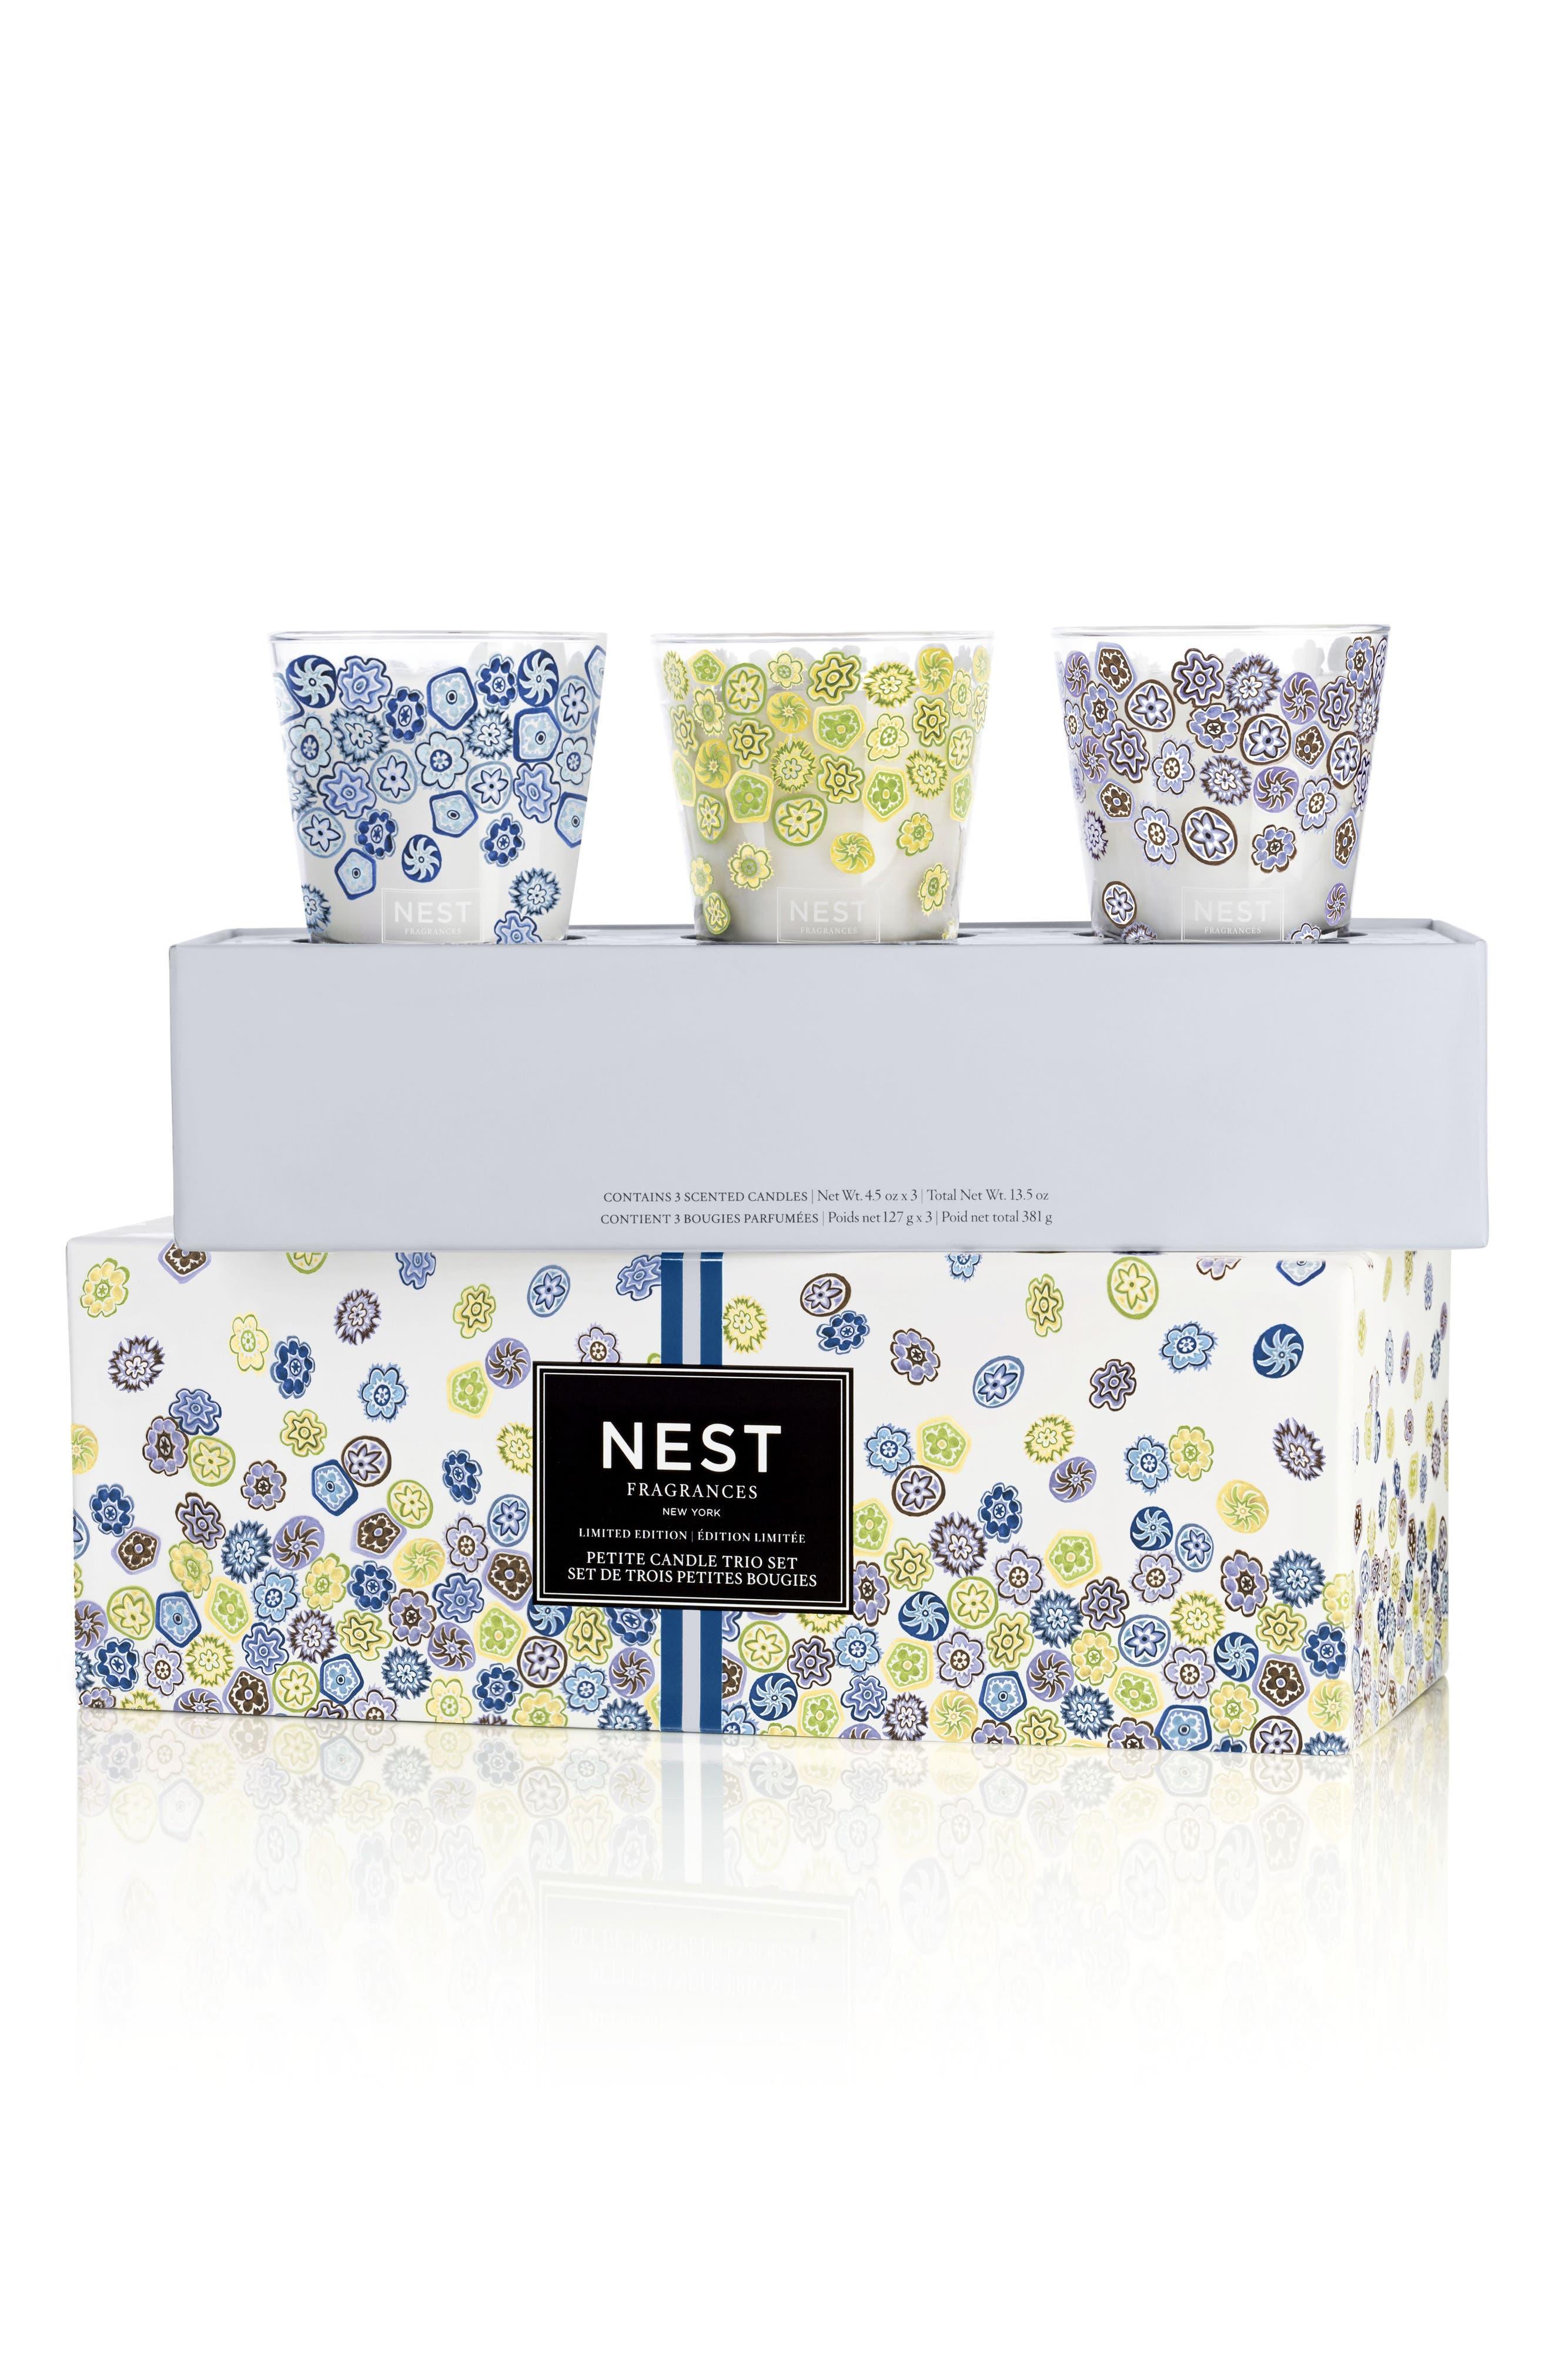 NEST Fragrances Petite Candle Trio Set (Limited Edition)